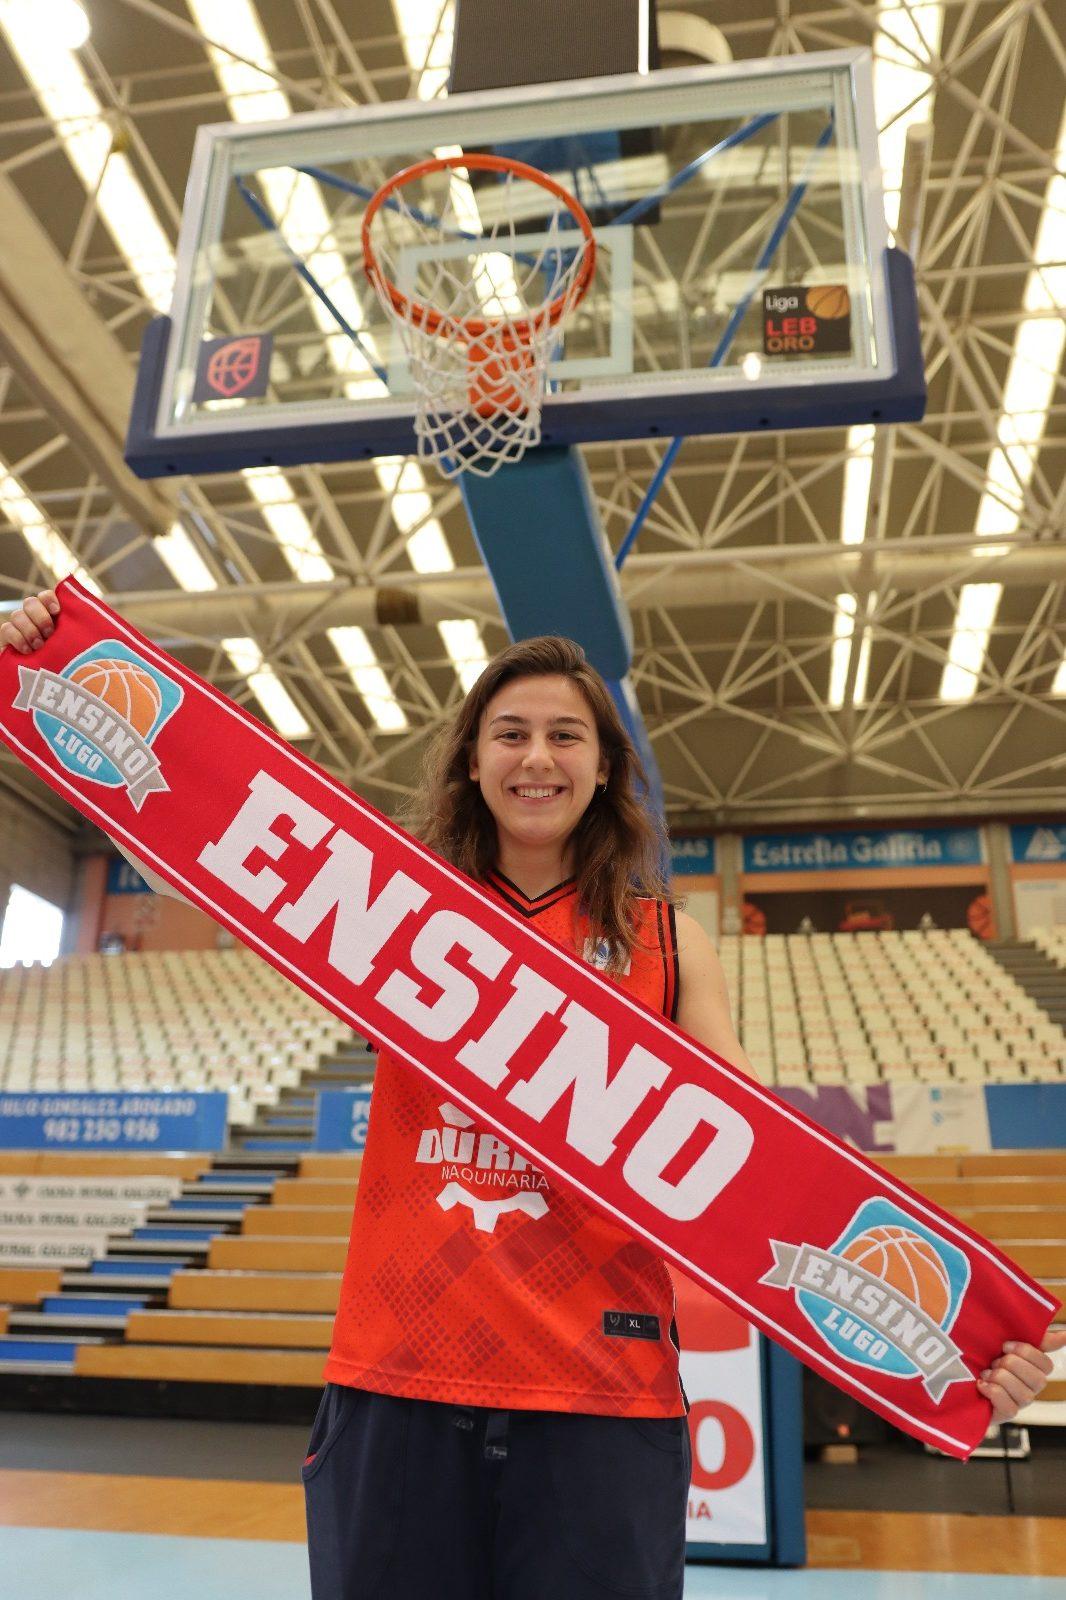 Alessandra Orsili nova xogadora do Ensino / ENSINO